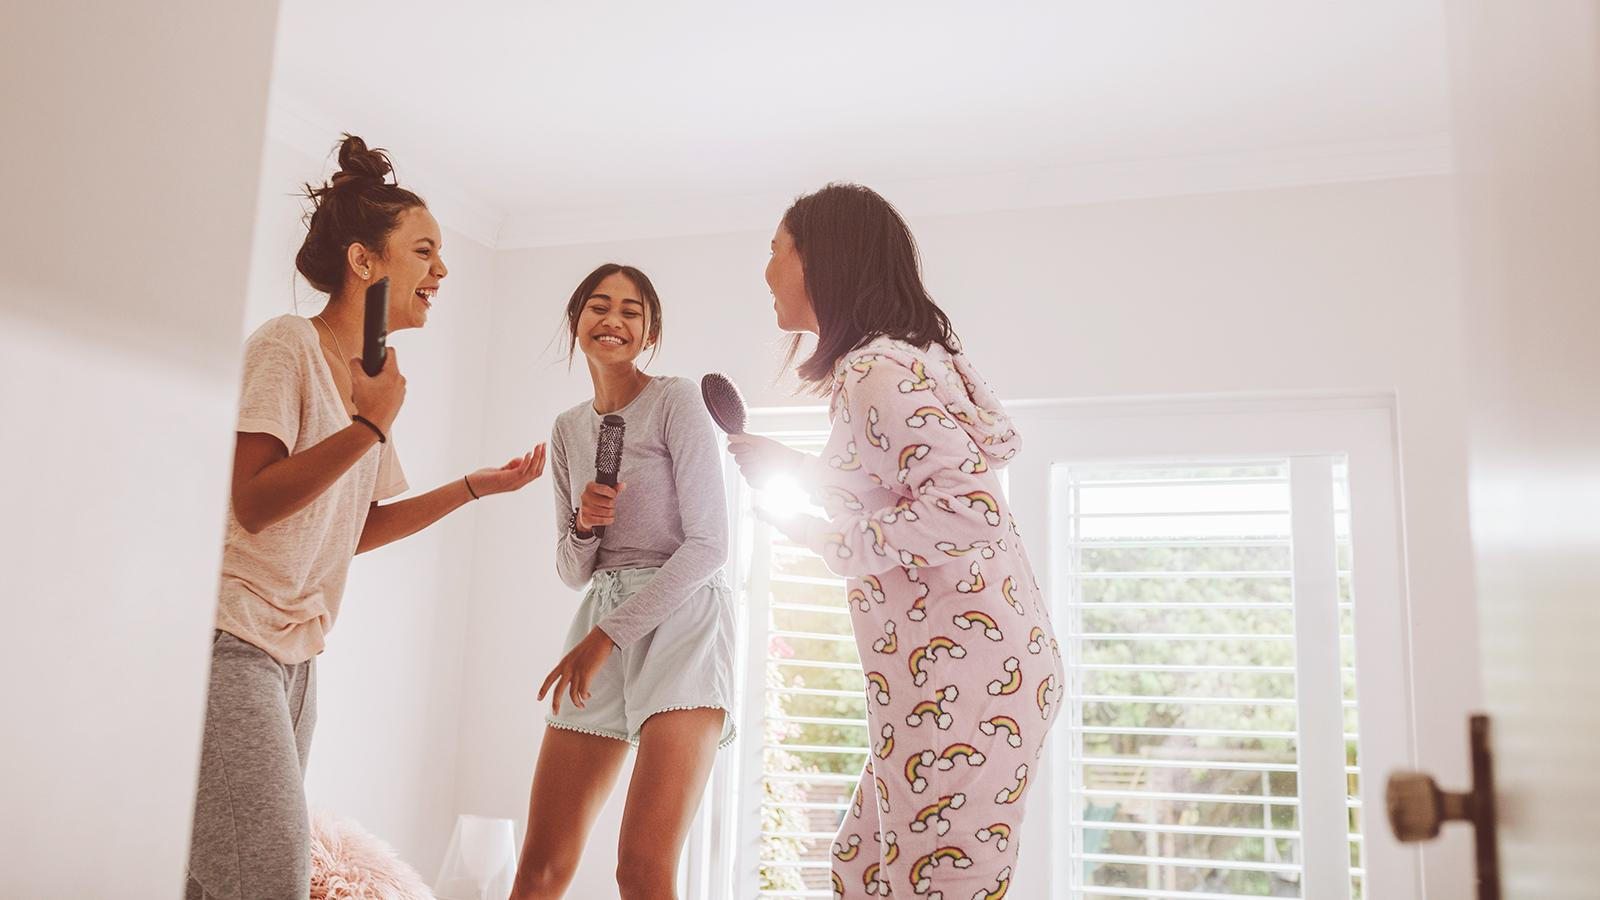 jovens cantando em festa do pijama